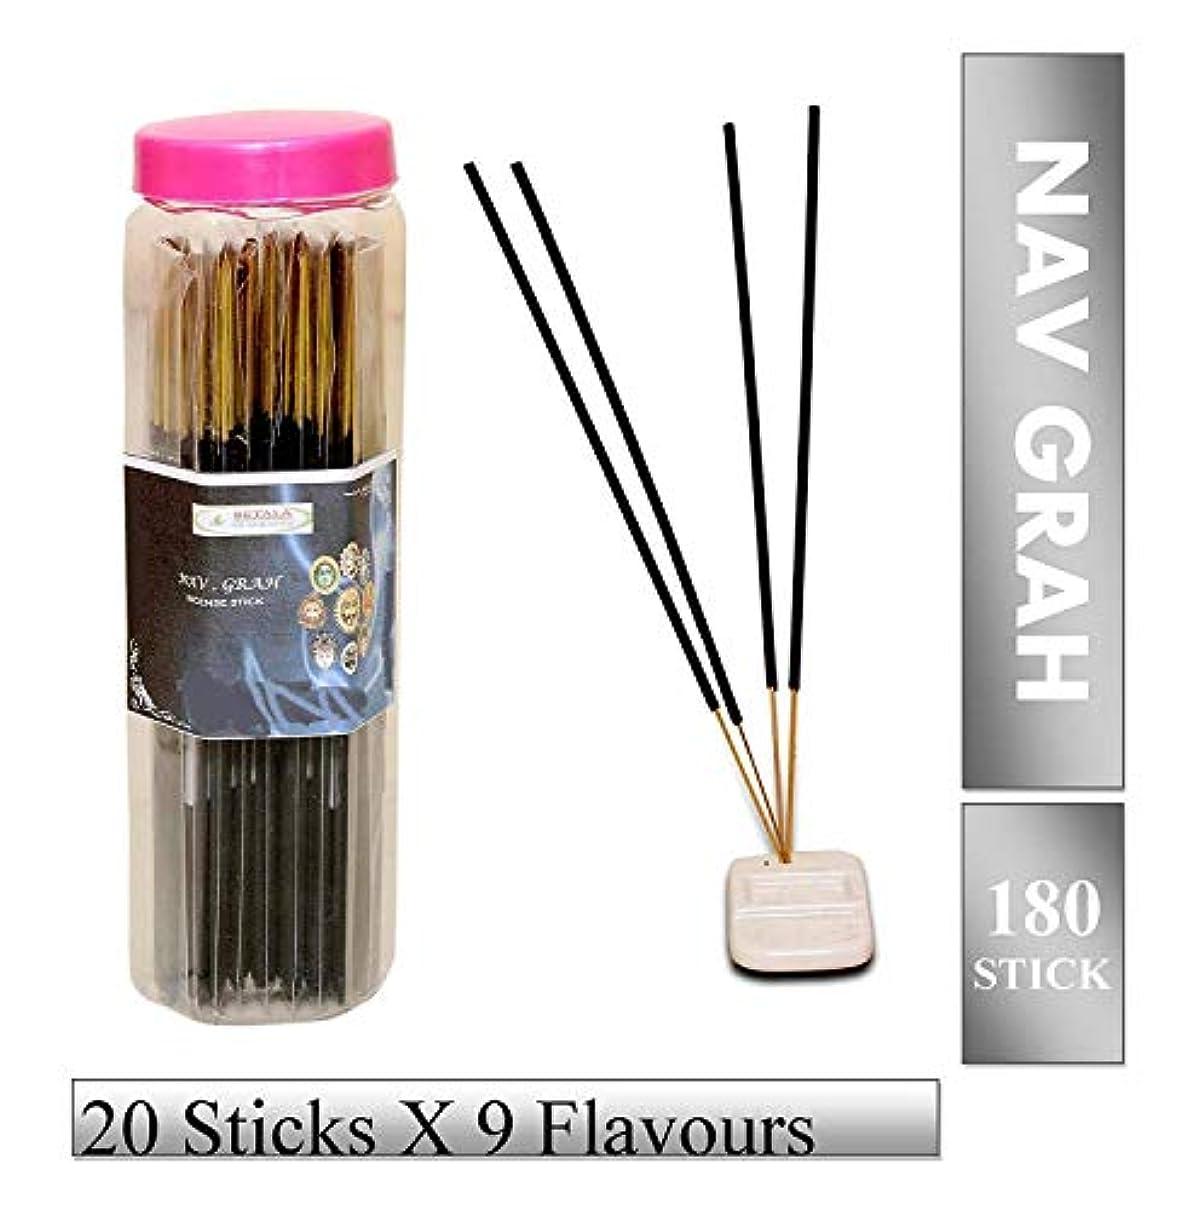 マルコポーロ泥沼仲介者BETALA MARKETING Combo Of Navgrah 9 In 1 Agarbatti Sticks With Agarbatti Box - Pack 0f 9 Flavours (180 Sticks)